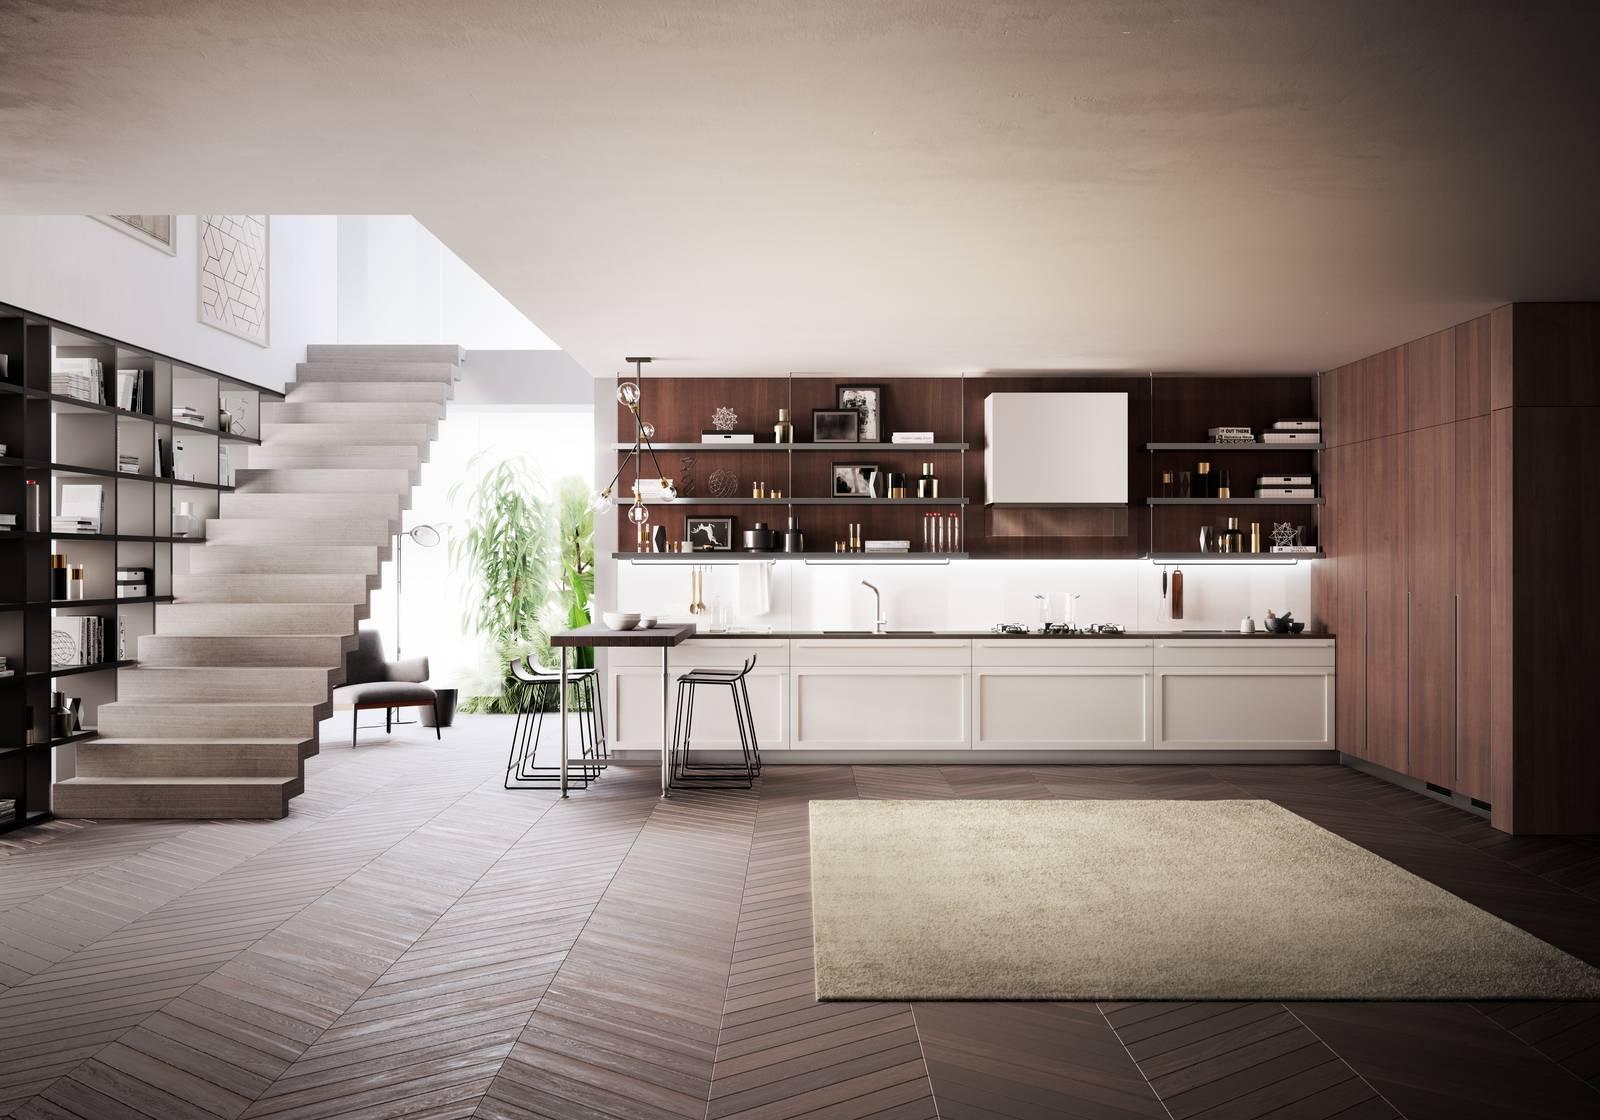 Casa in stile moderno mix tra design contemporaneo e anni for Stile contemporaneo casa